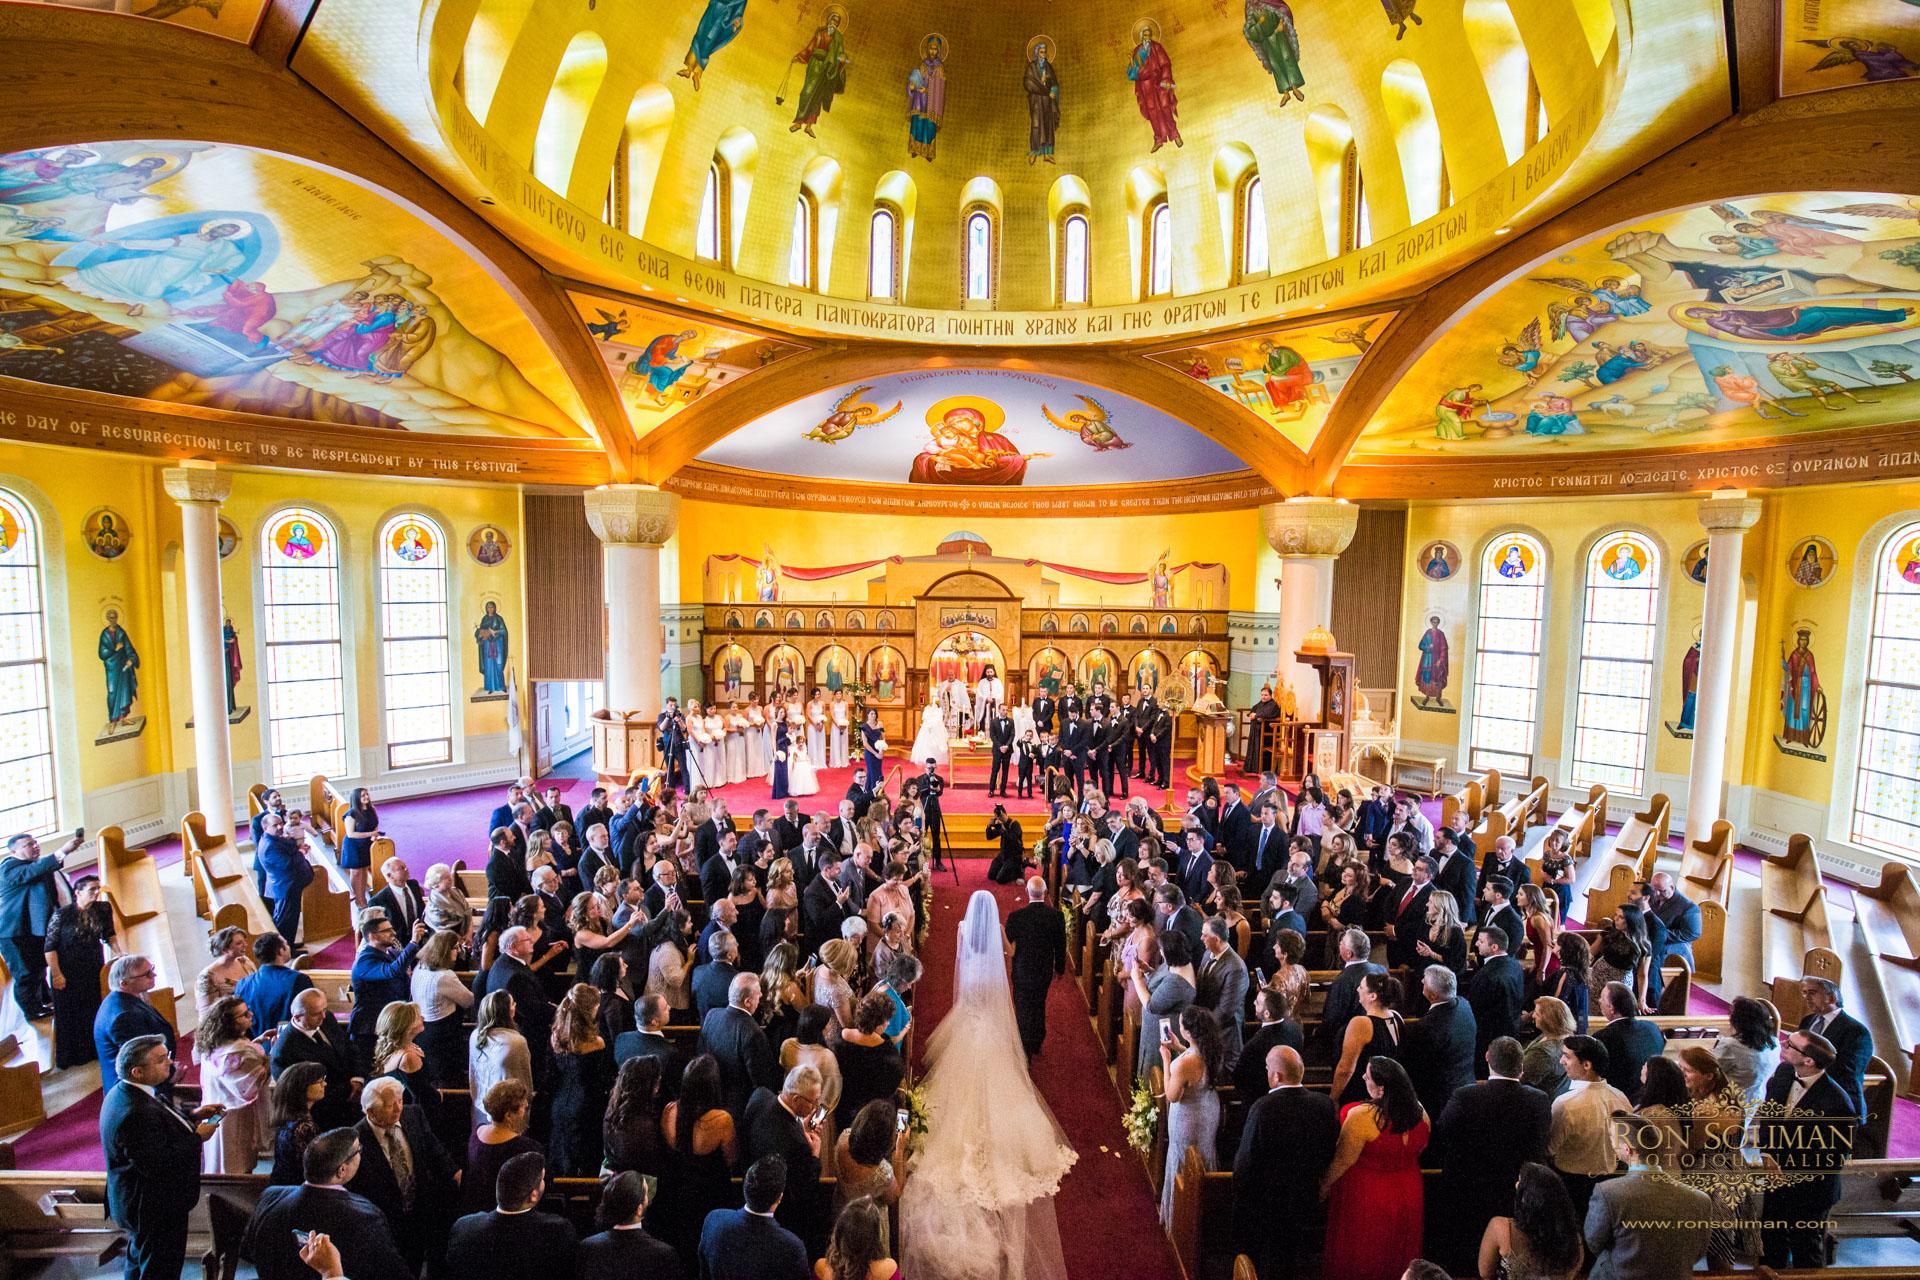 BALLROOM AT THE BEN WEDDING AG 17